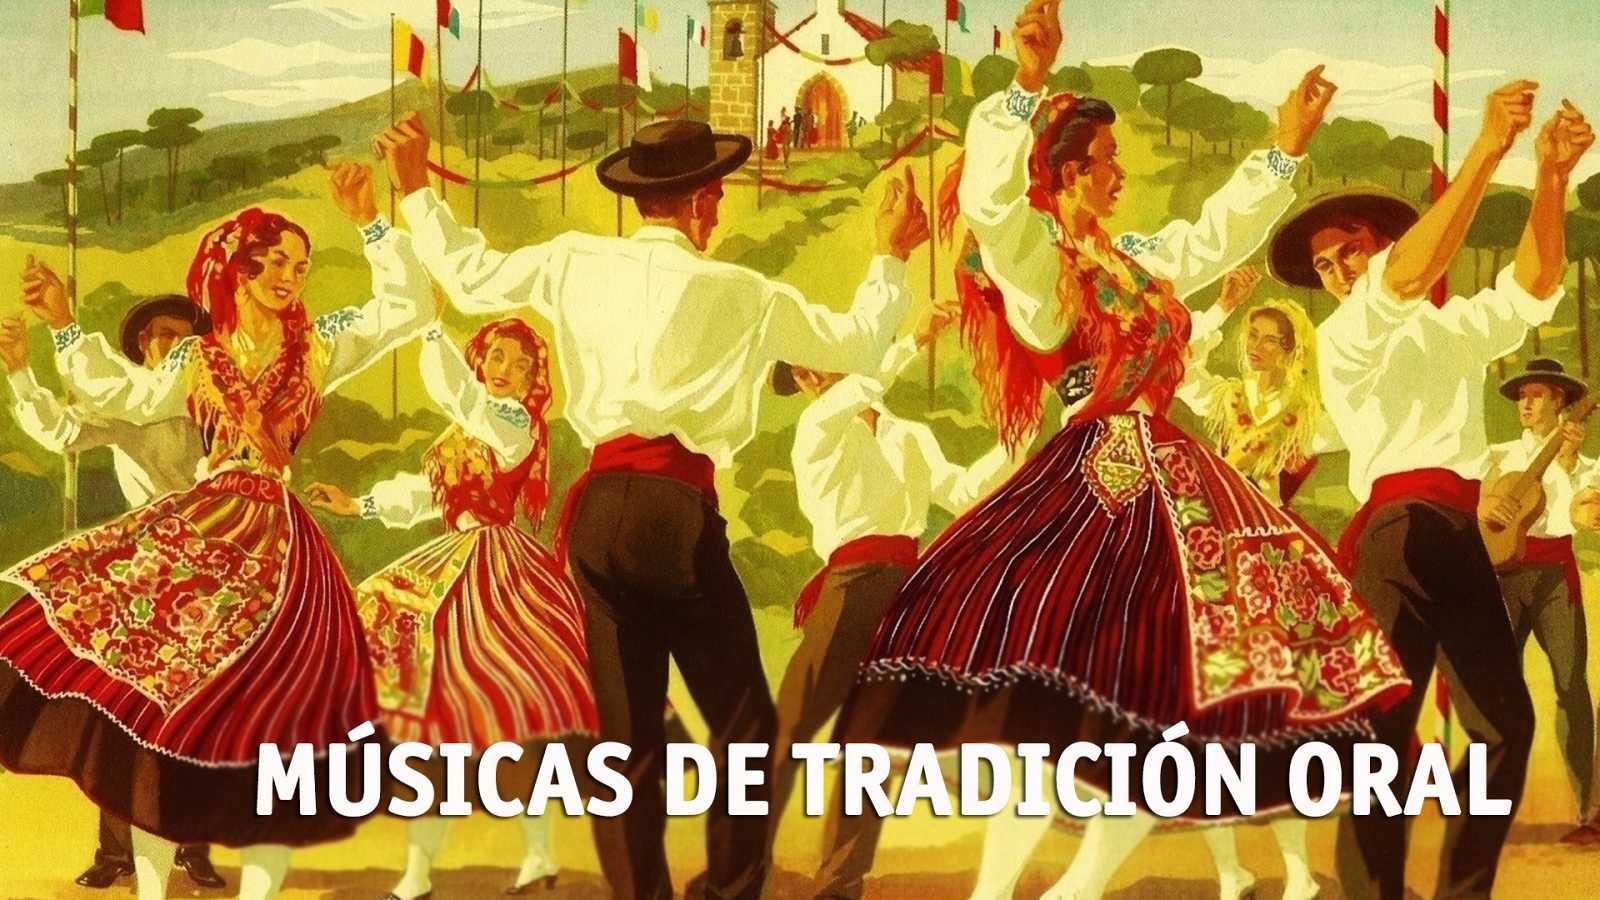 Músicas de tradición oral - La tradición musical en España - 25/02/18 - escuchar ahora